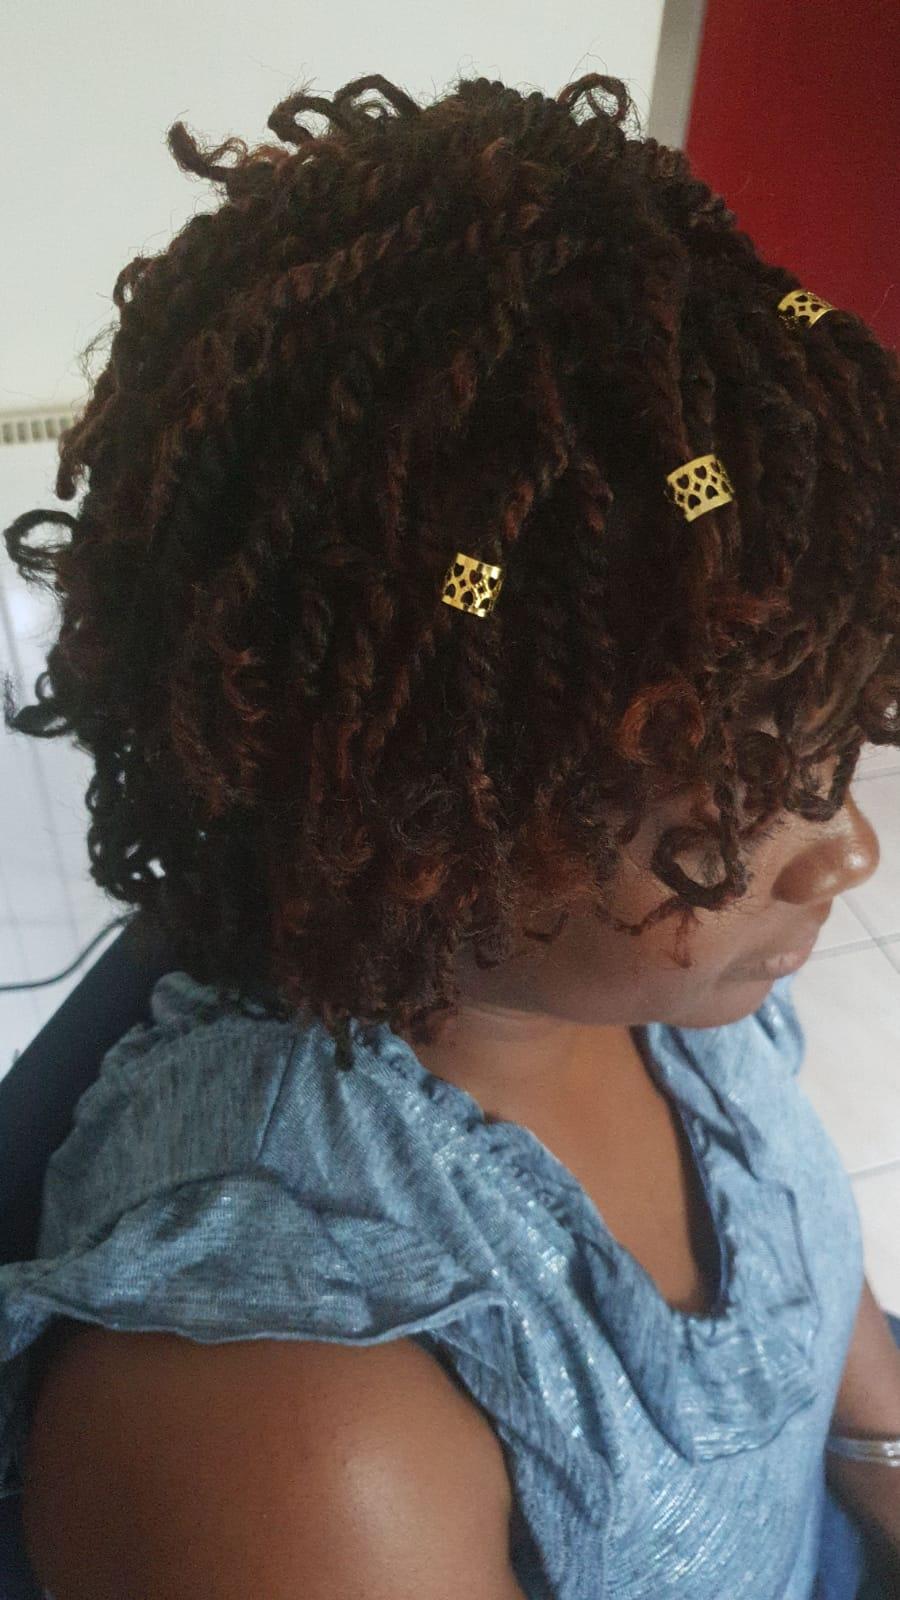 salon de coiffure afro tresse tresses box braids crochet braids vanilles tissages paris 75 77 78 91 92 93 94 95 VKIEOBYG